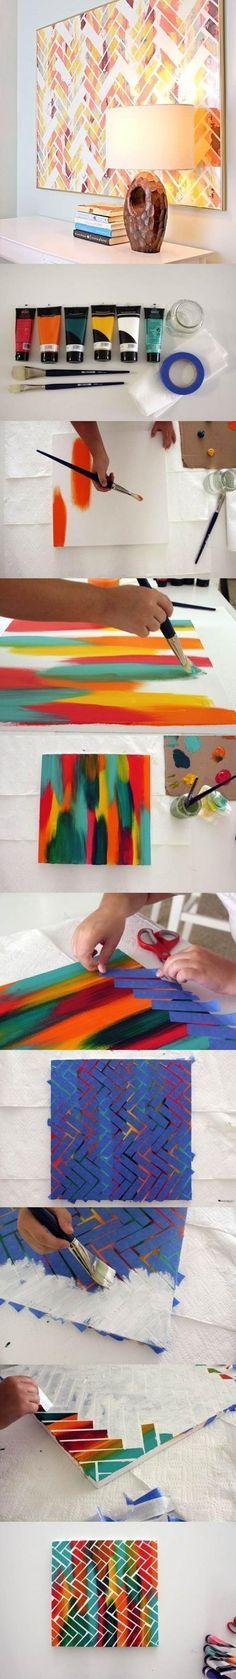 Réalisez une peinture creative.